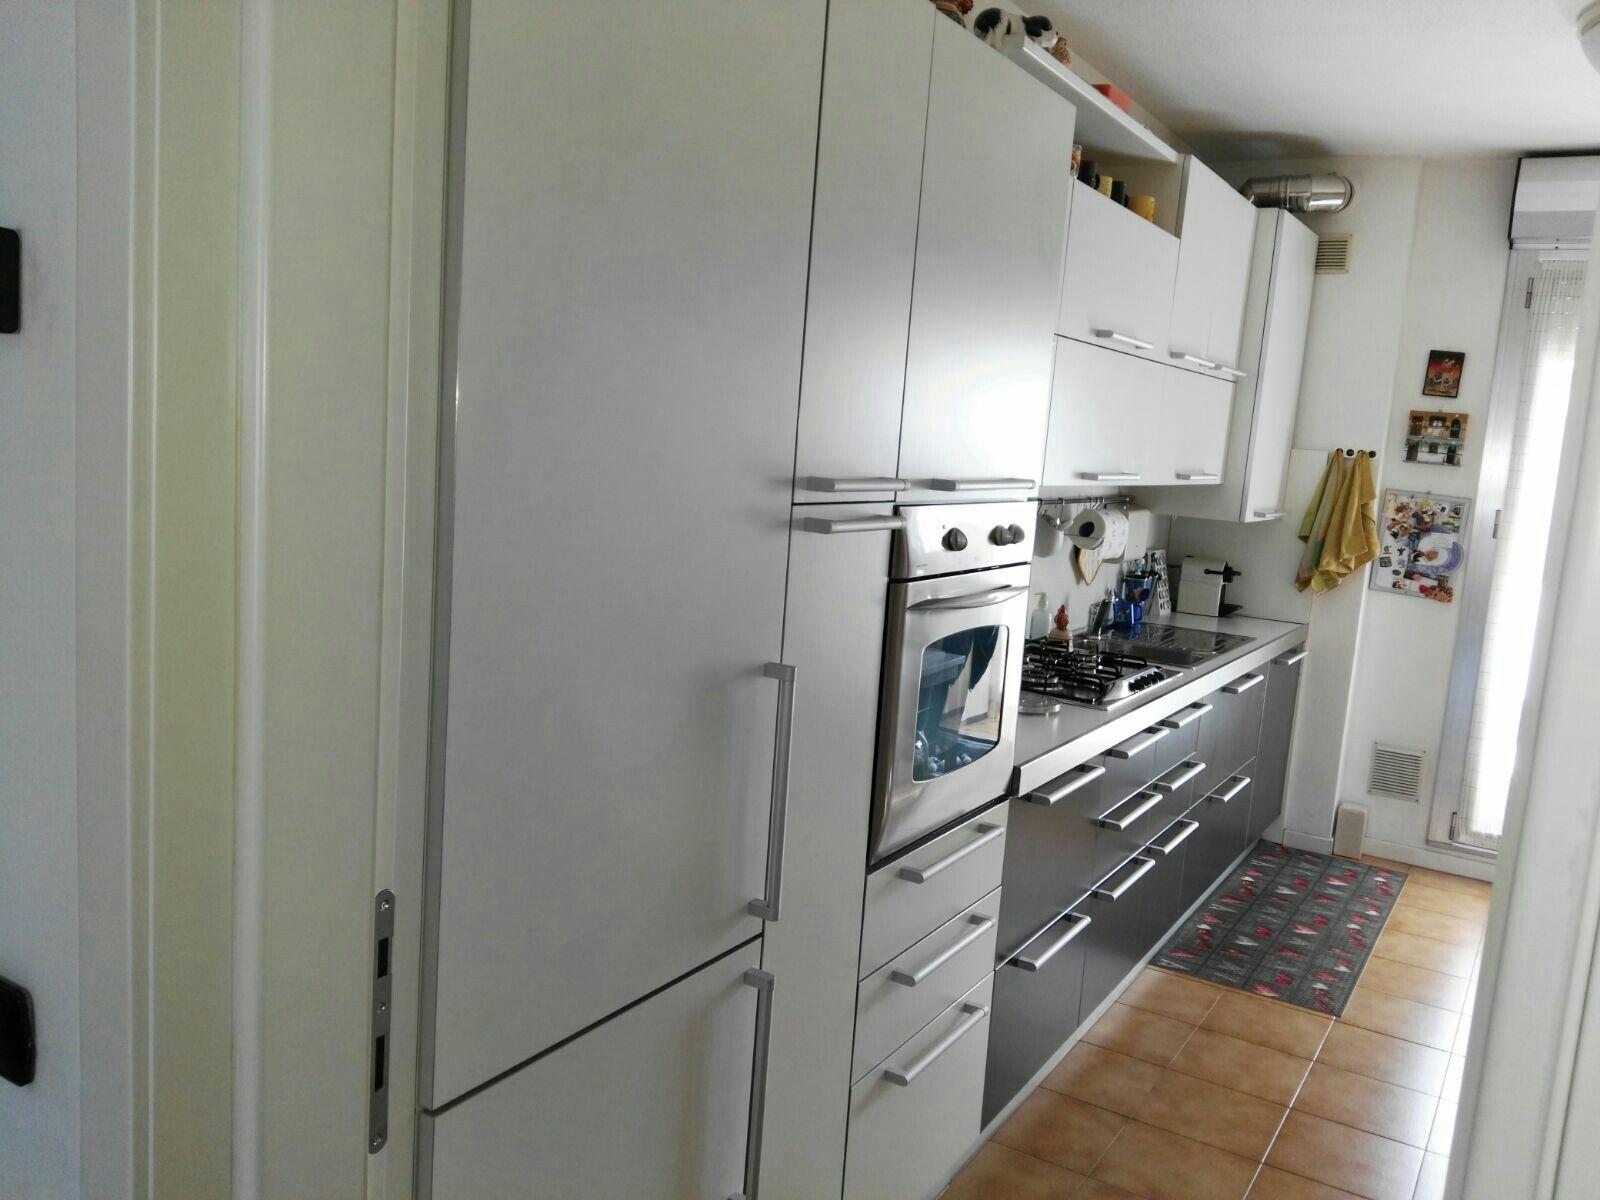 Cucina Bontempi, laccato opaco bicolore bianco e antracite, cucina ...